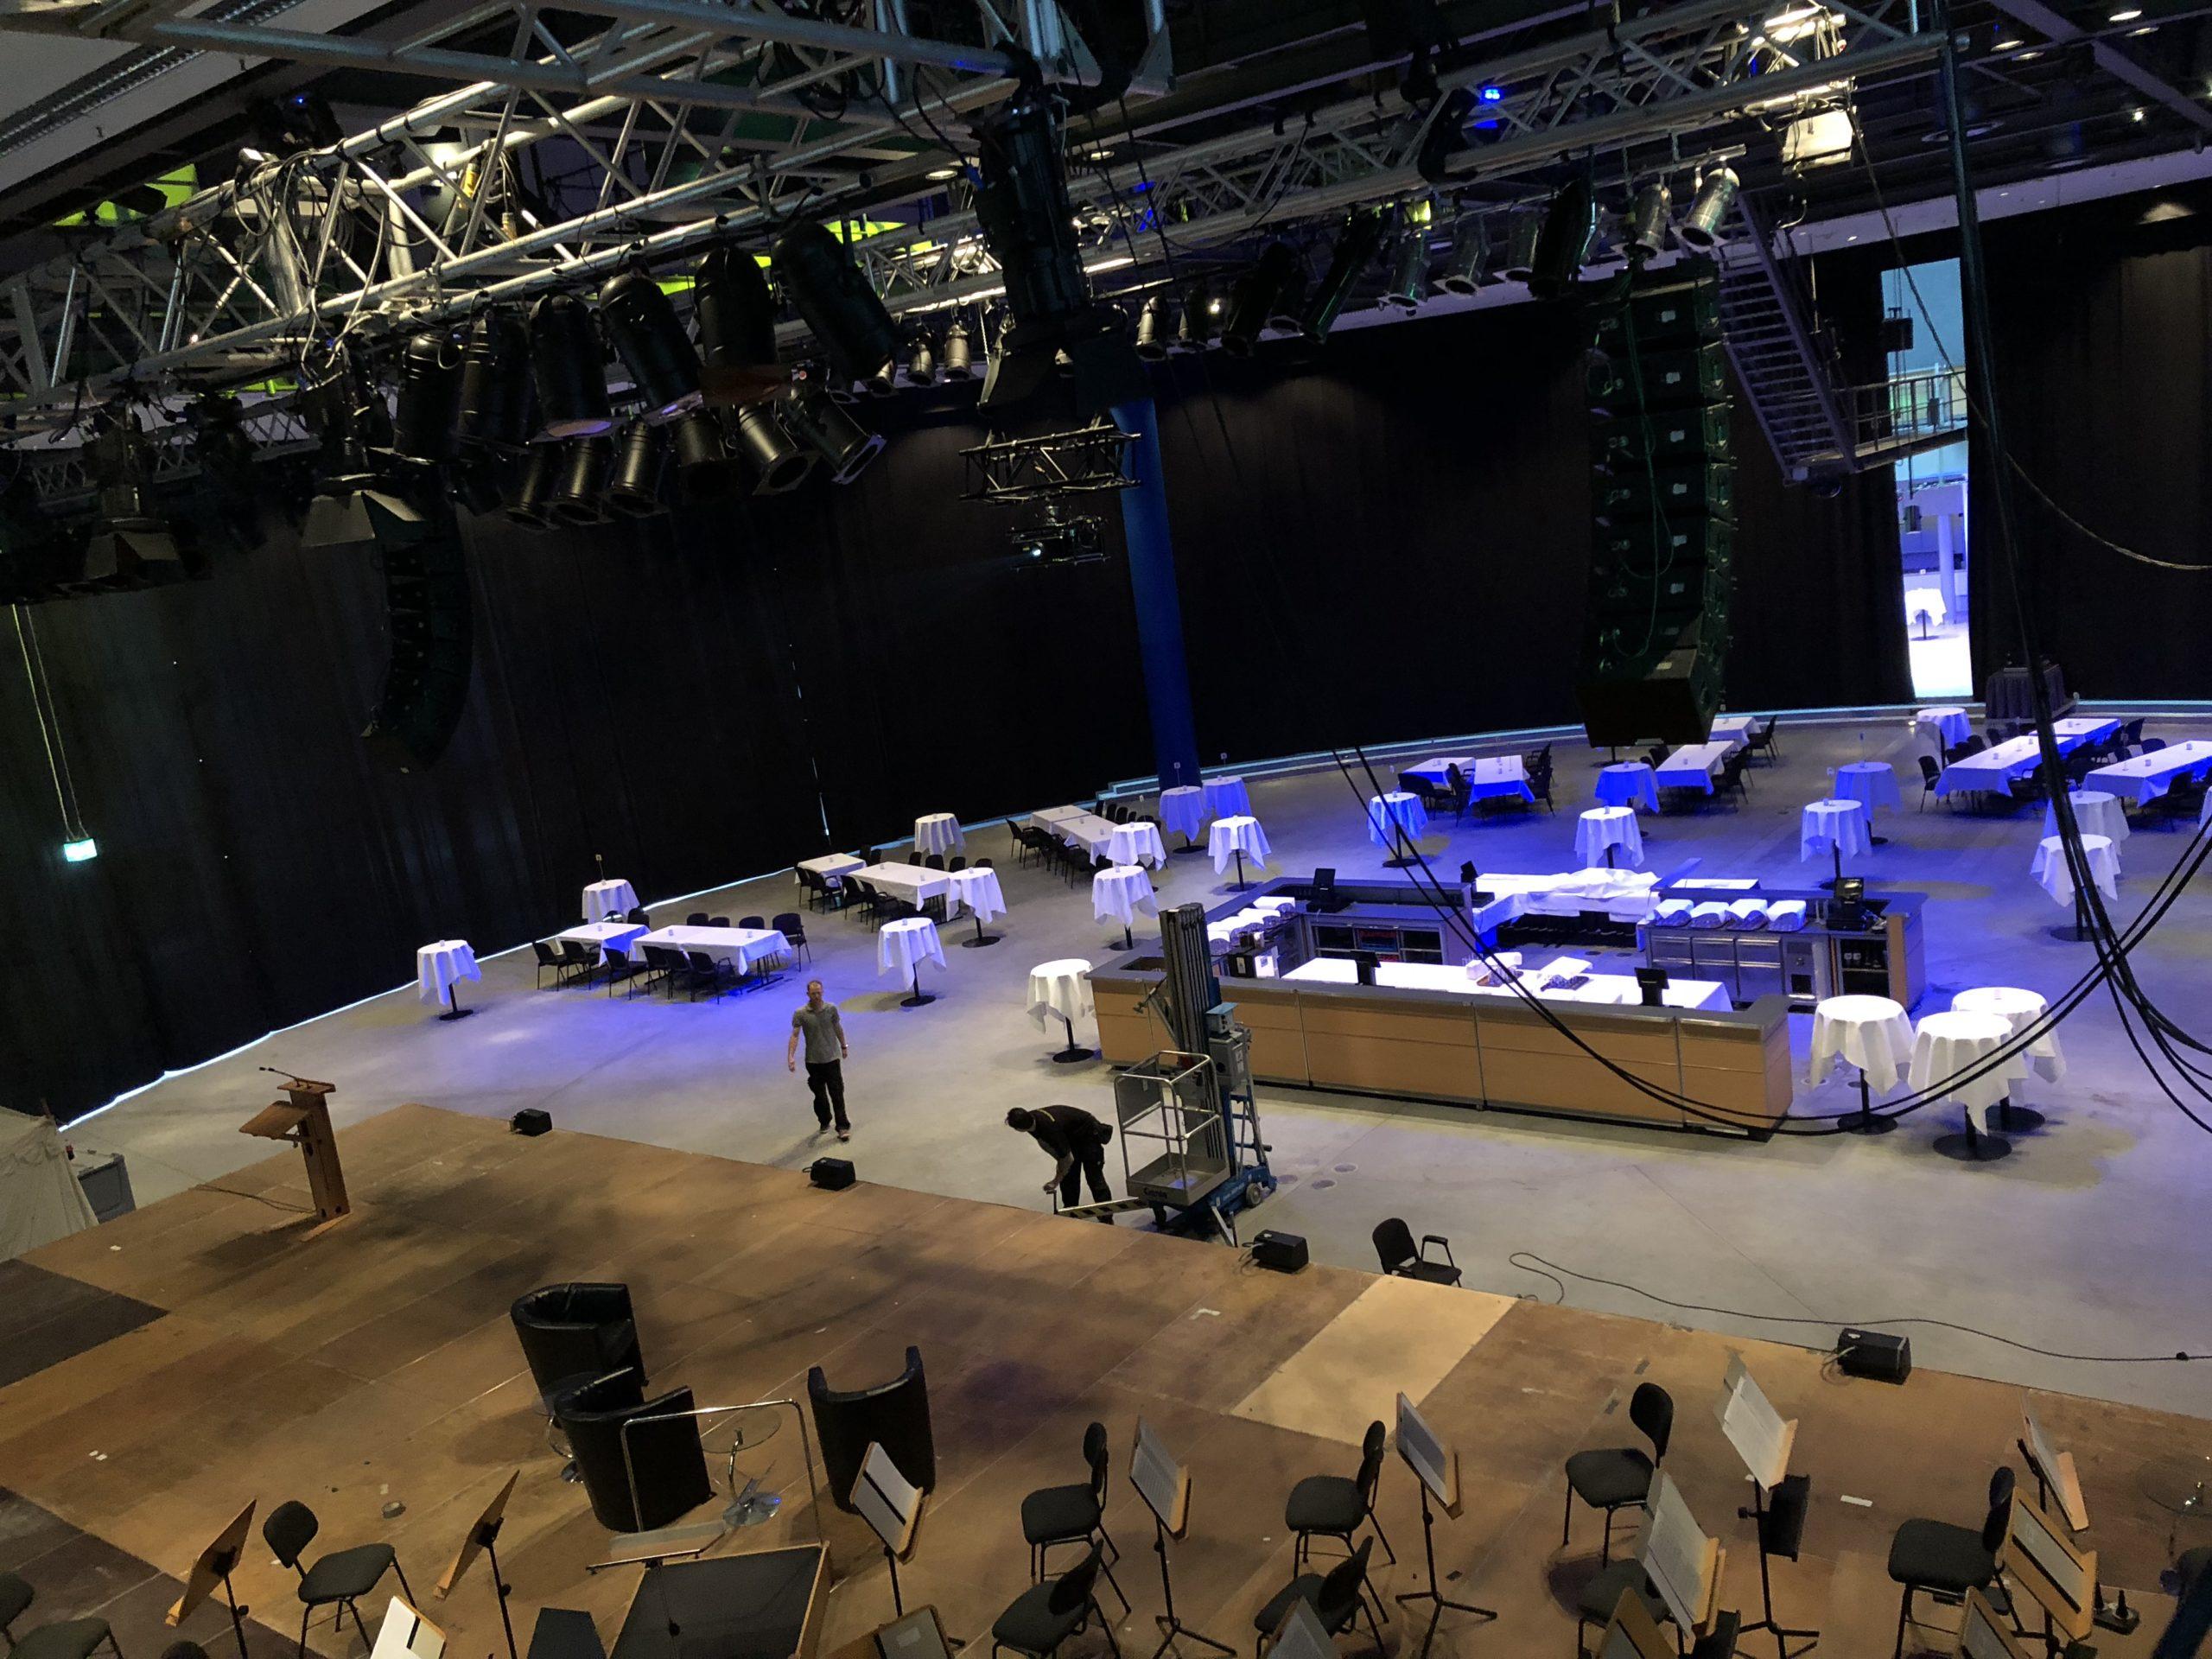 Musik- und Kongresshalle Lübeck